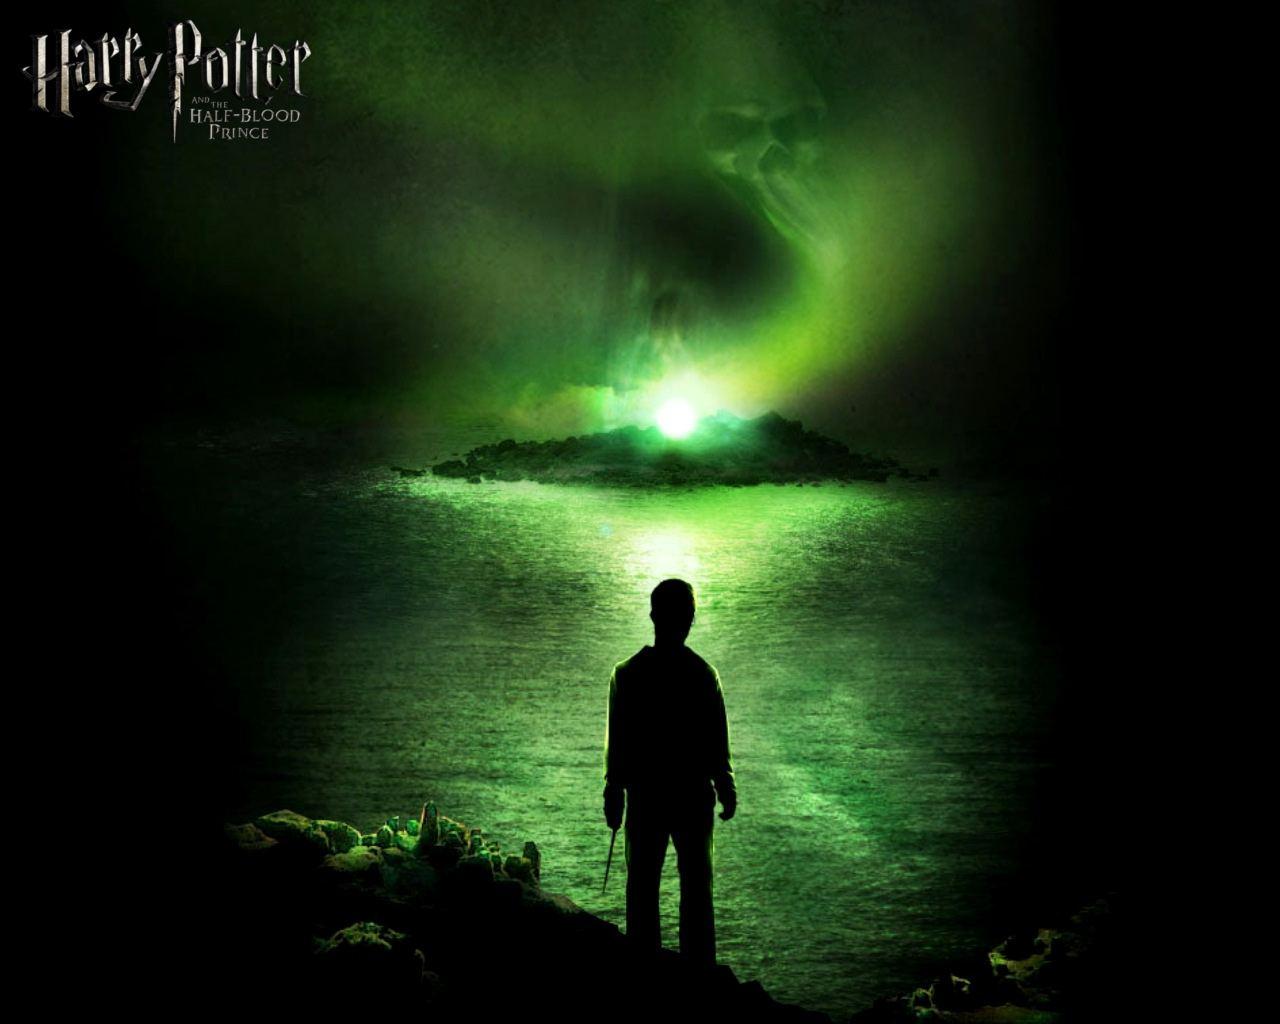 http://3.bp.blogspot.com/_BaUY0_DSq2I/TVLODB3pYdI/AAAAAAAACWw/1Ofm_T0pLyQ/s1600/Harry-Potter-Half-Blood-Prince_0.jpg